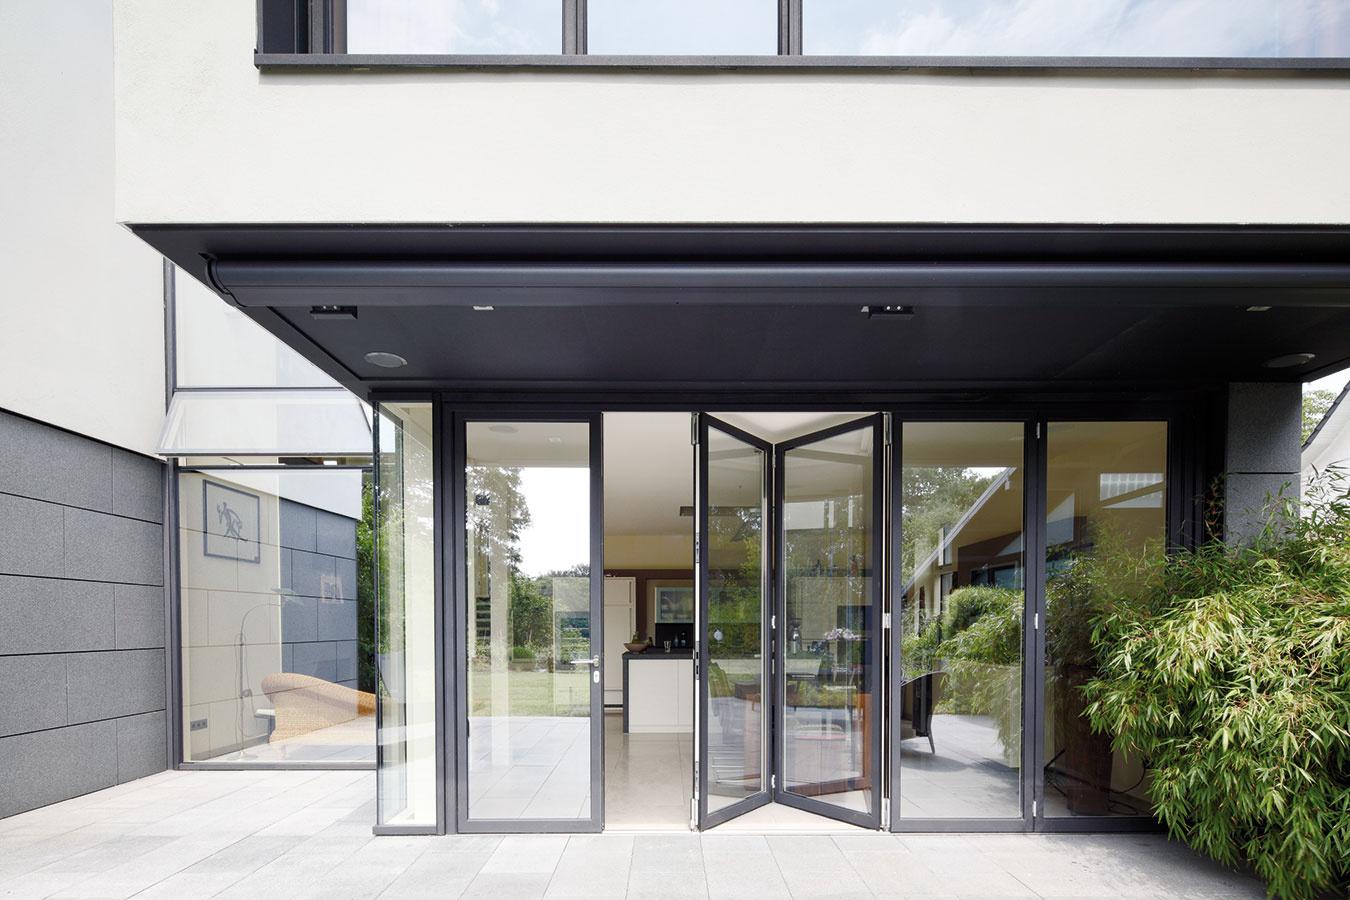 Skladacie dvere umožňujú úplne otvoriť denný priestor aprepojiť jedáleň svonkajšou terasou. Kfiligránskym detailom patrí celosklenené vyhotovenie rohov.